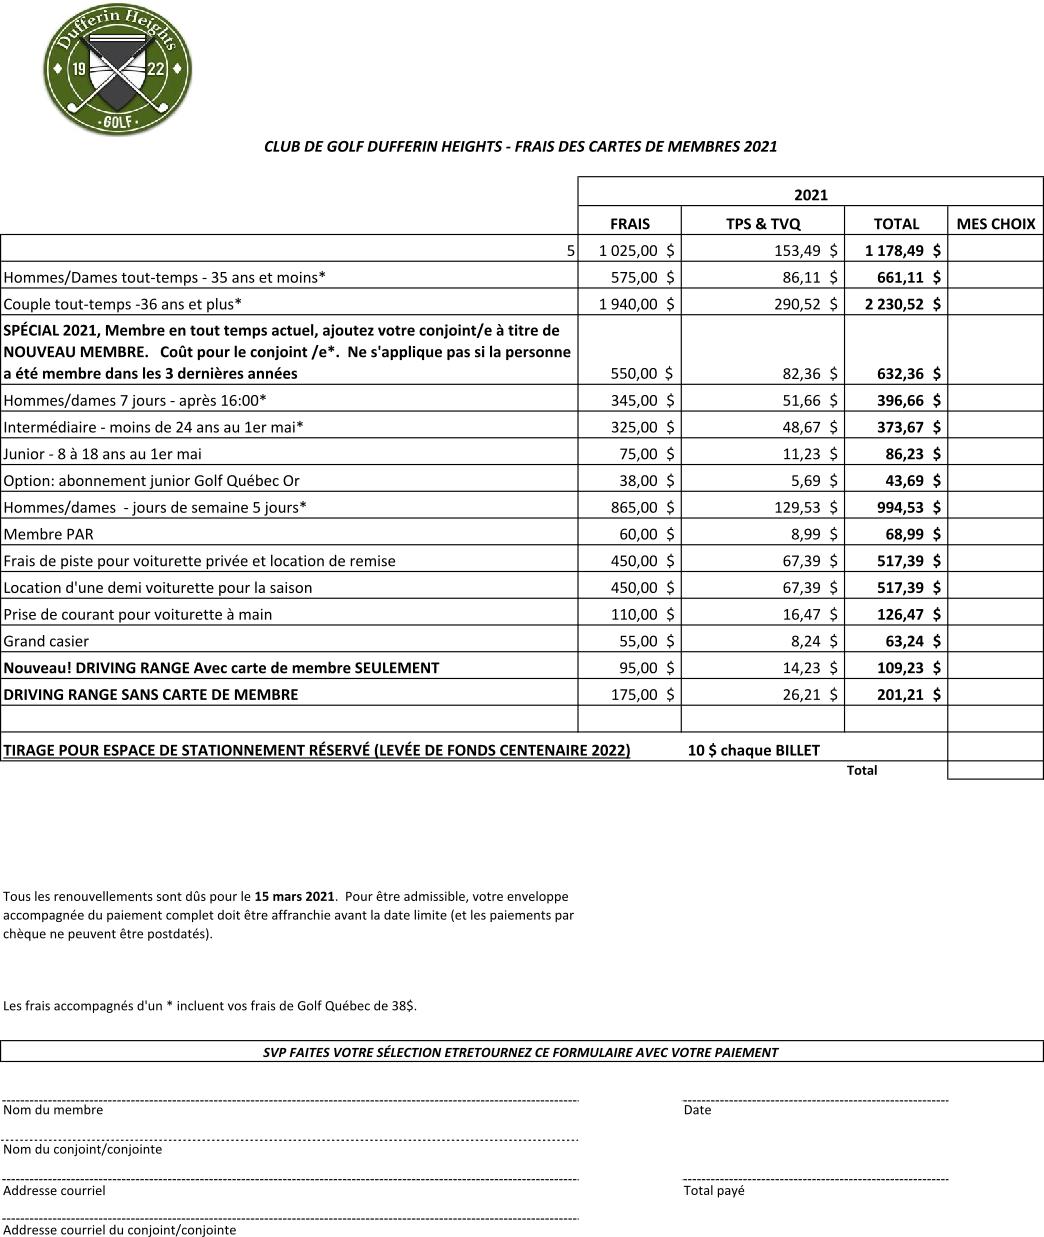 dufferin heights Membership-2021-fr